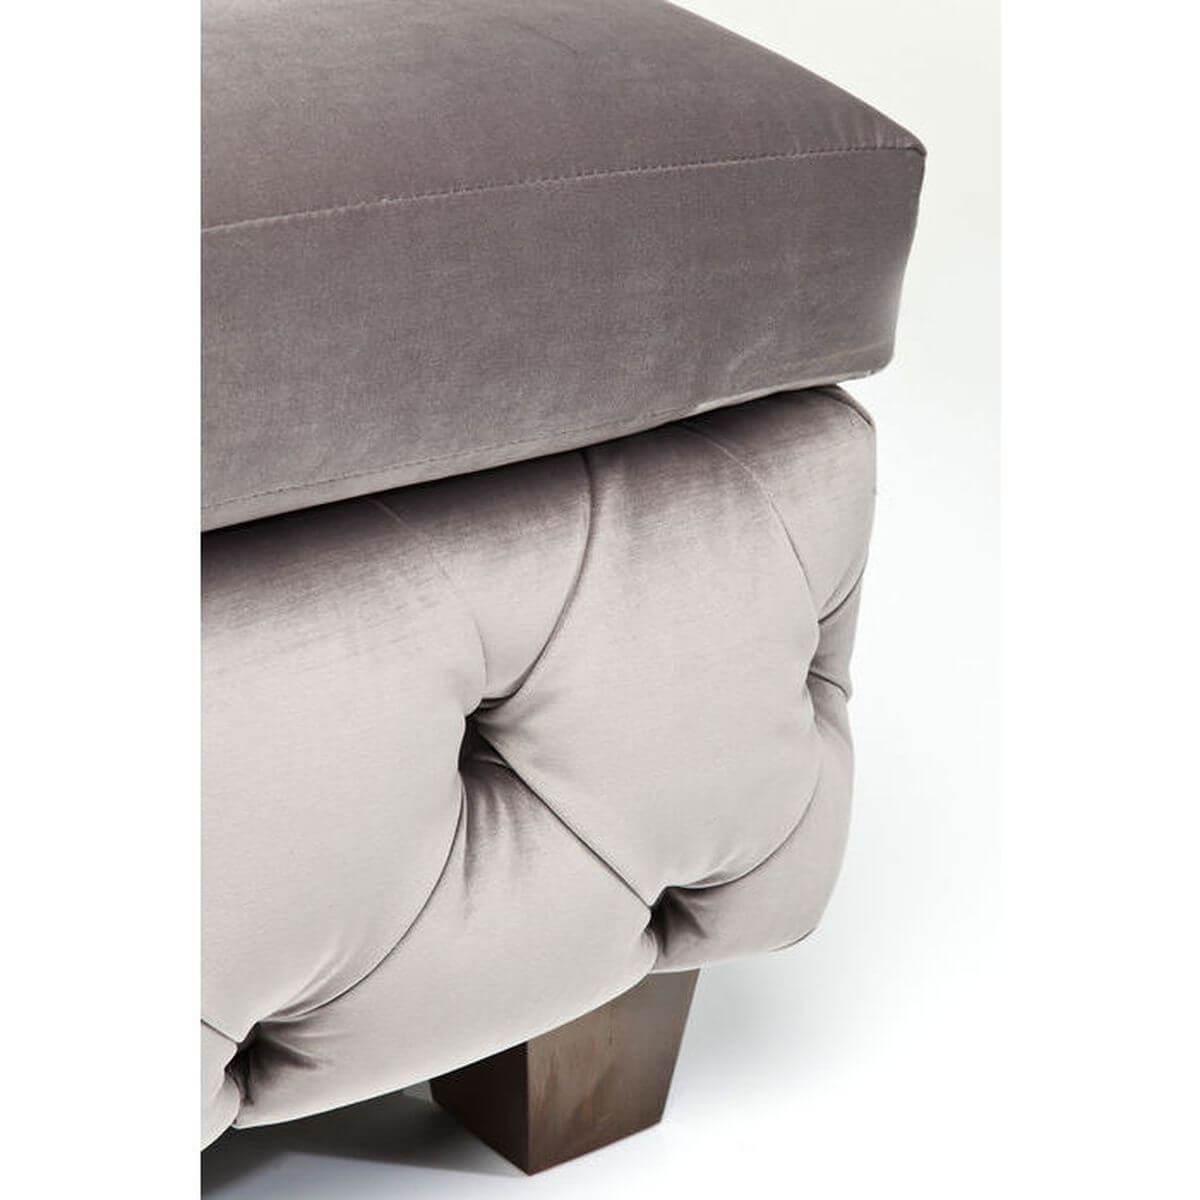 Pouf MY DESIRE Kare Design velvet gris